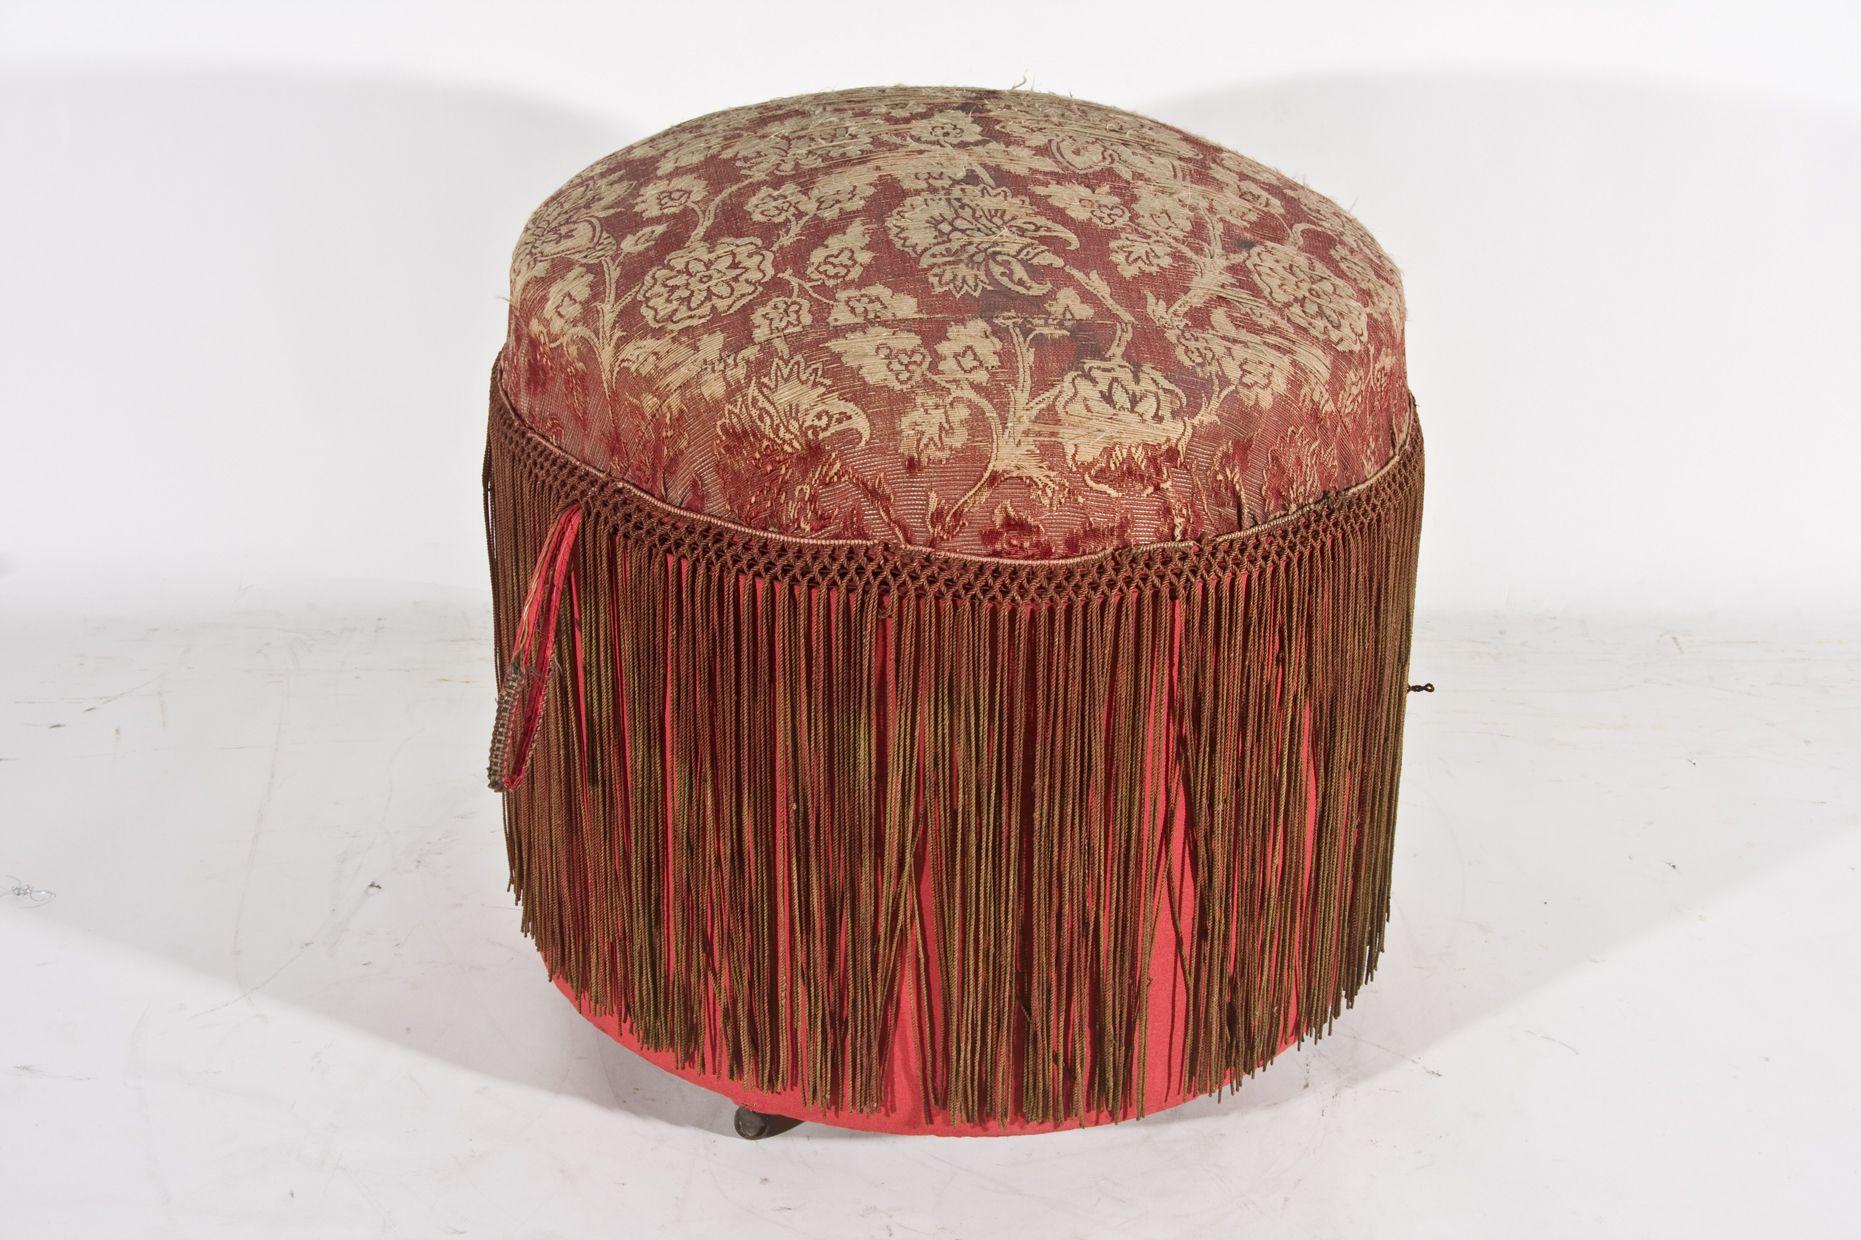 Le±era en forma de taburete circular tapizada con yute carmn floreada Del almohadillado